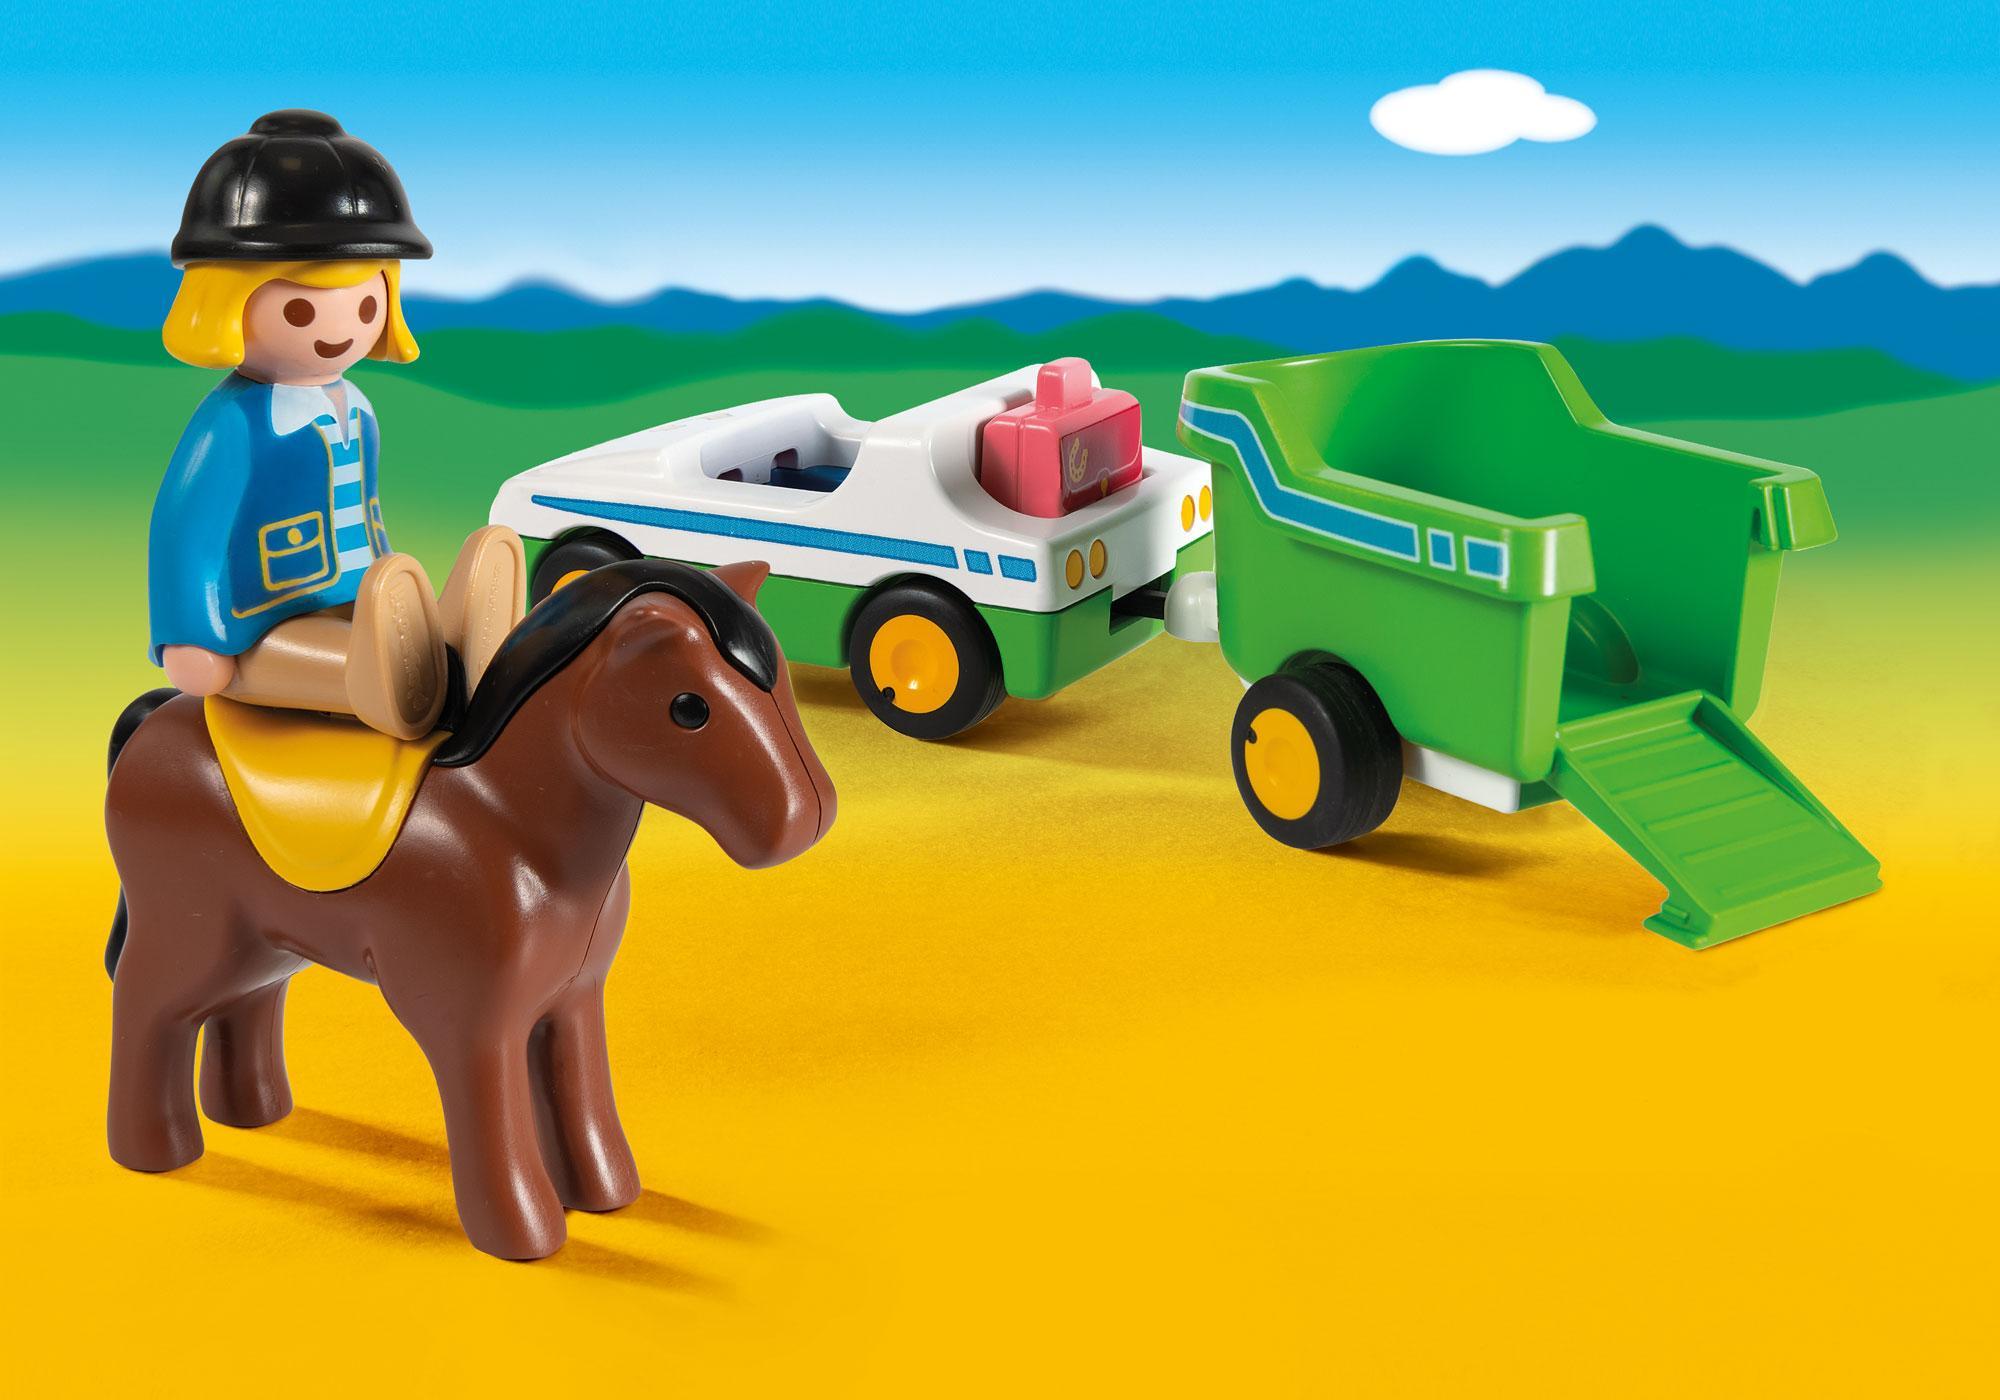 http://media.playmobil.com/i/playmobil/70181_product_extra1/Bil med hestetrailer